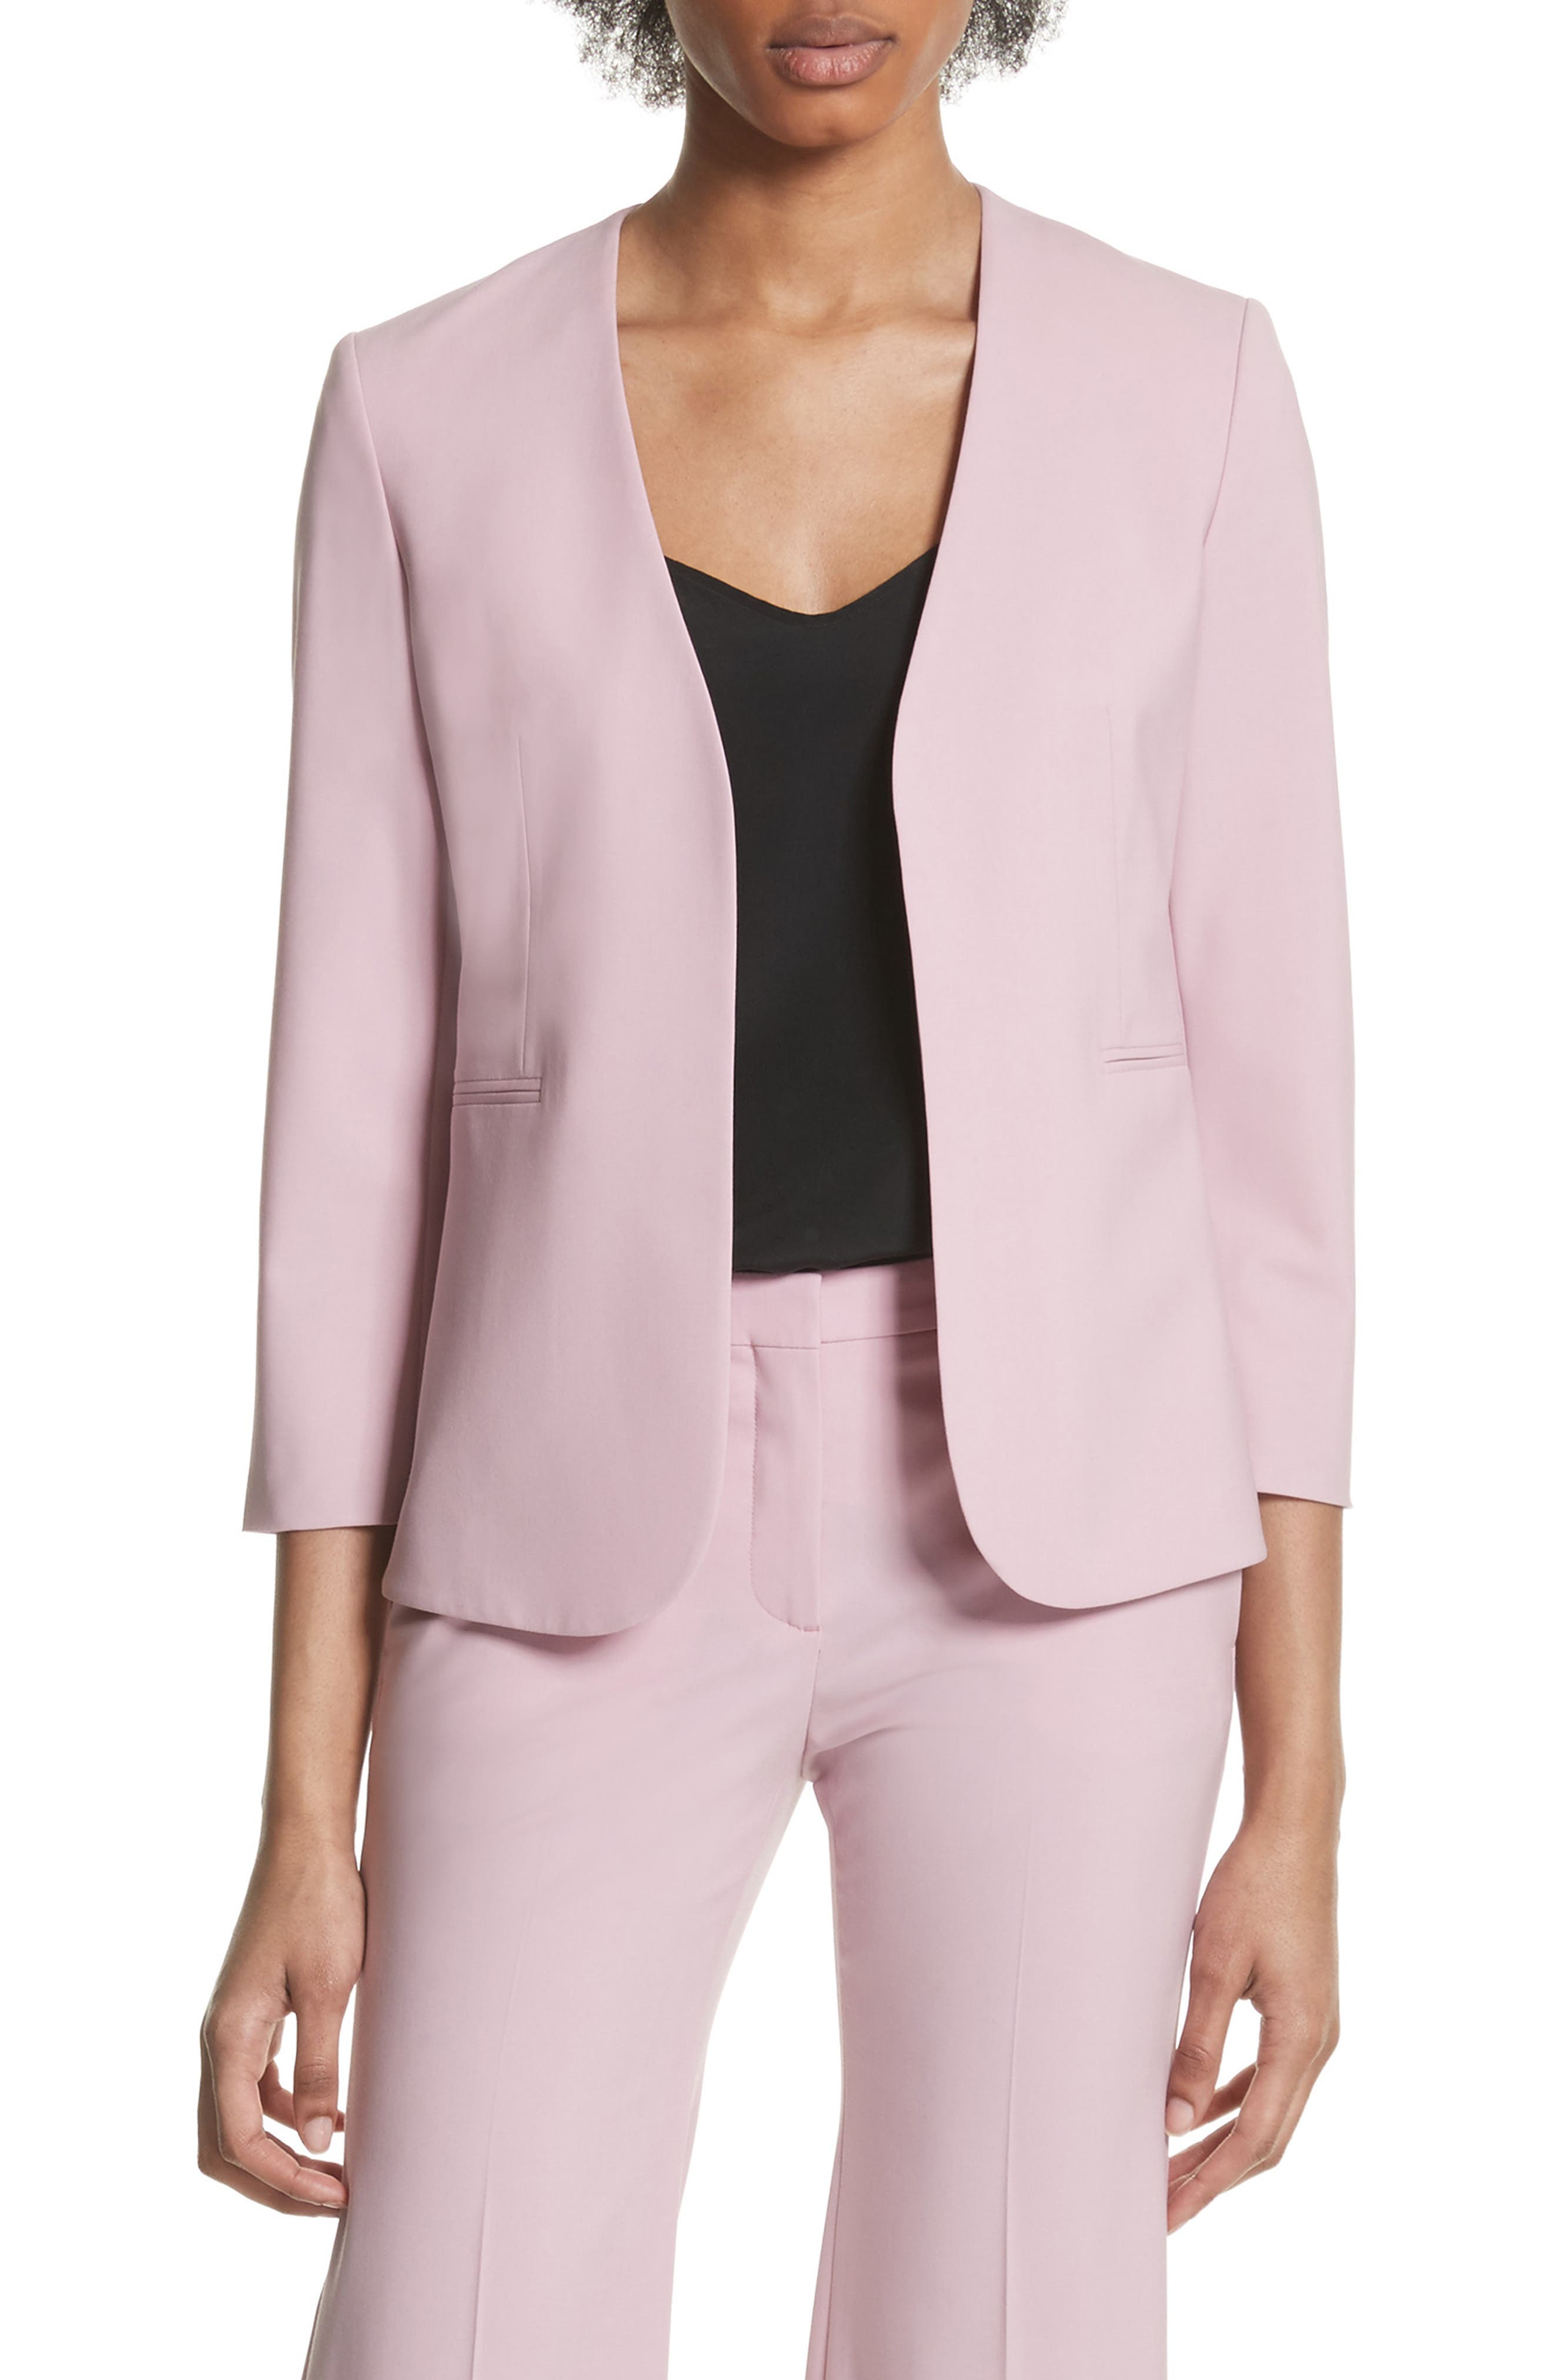 Lindrayia B Good Wool Suit Jacket,                             Main thumbnail 1, color,                             655